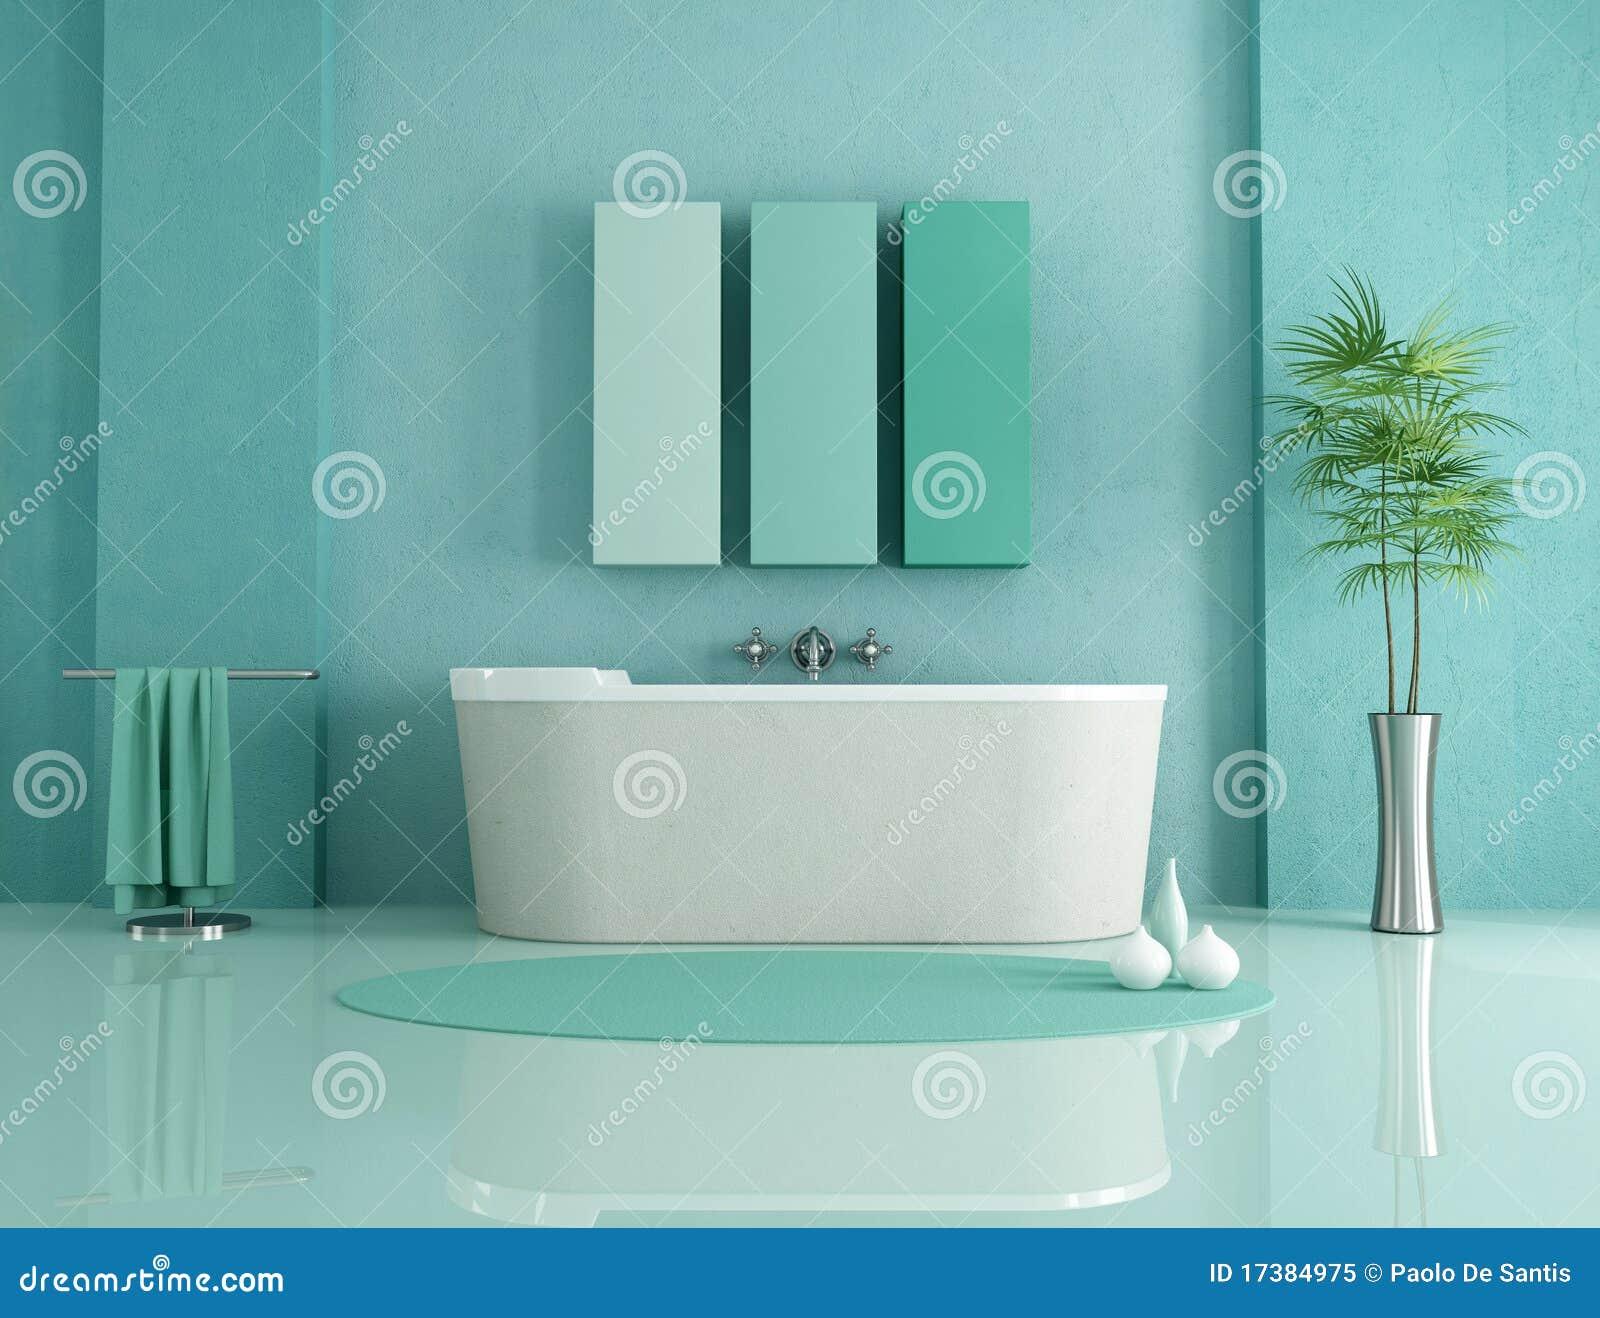 Stanza Da Bagno Minimalista Illustrazione di Stock - Illustrazione di pulito, salute: 17384975